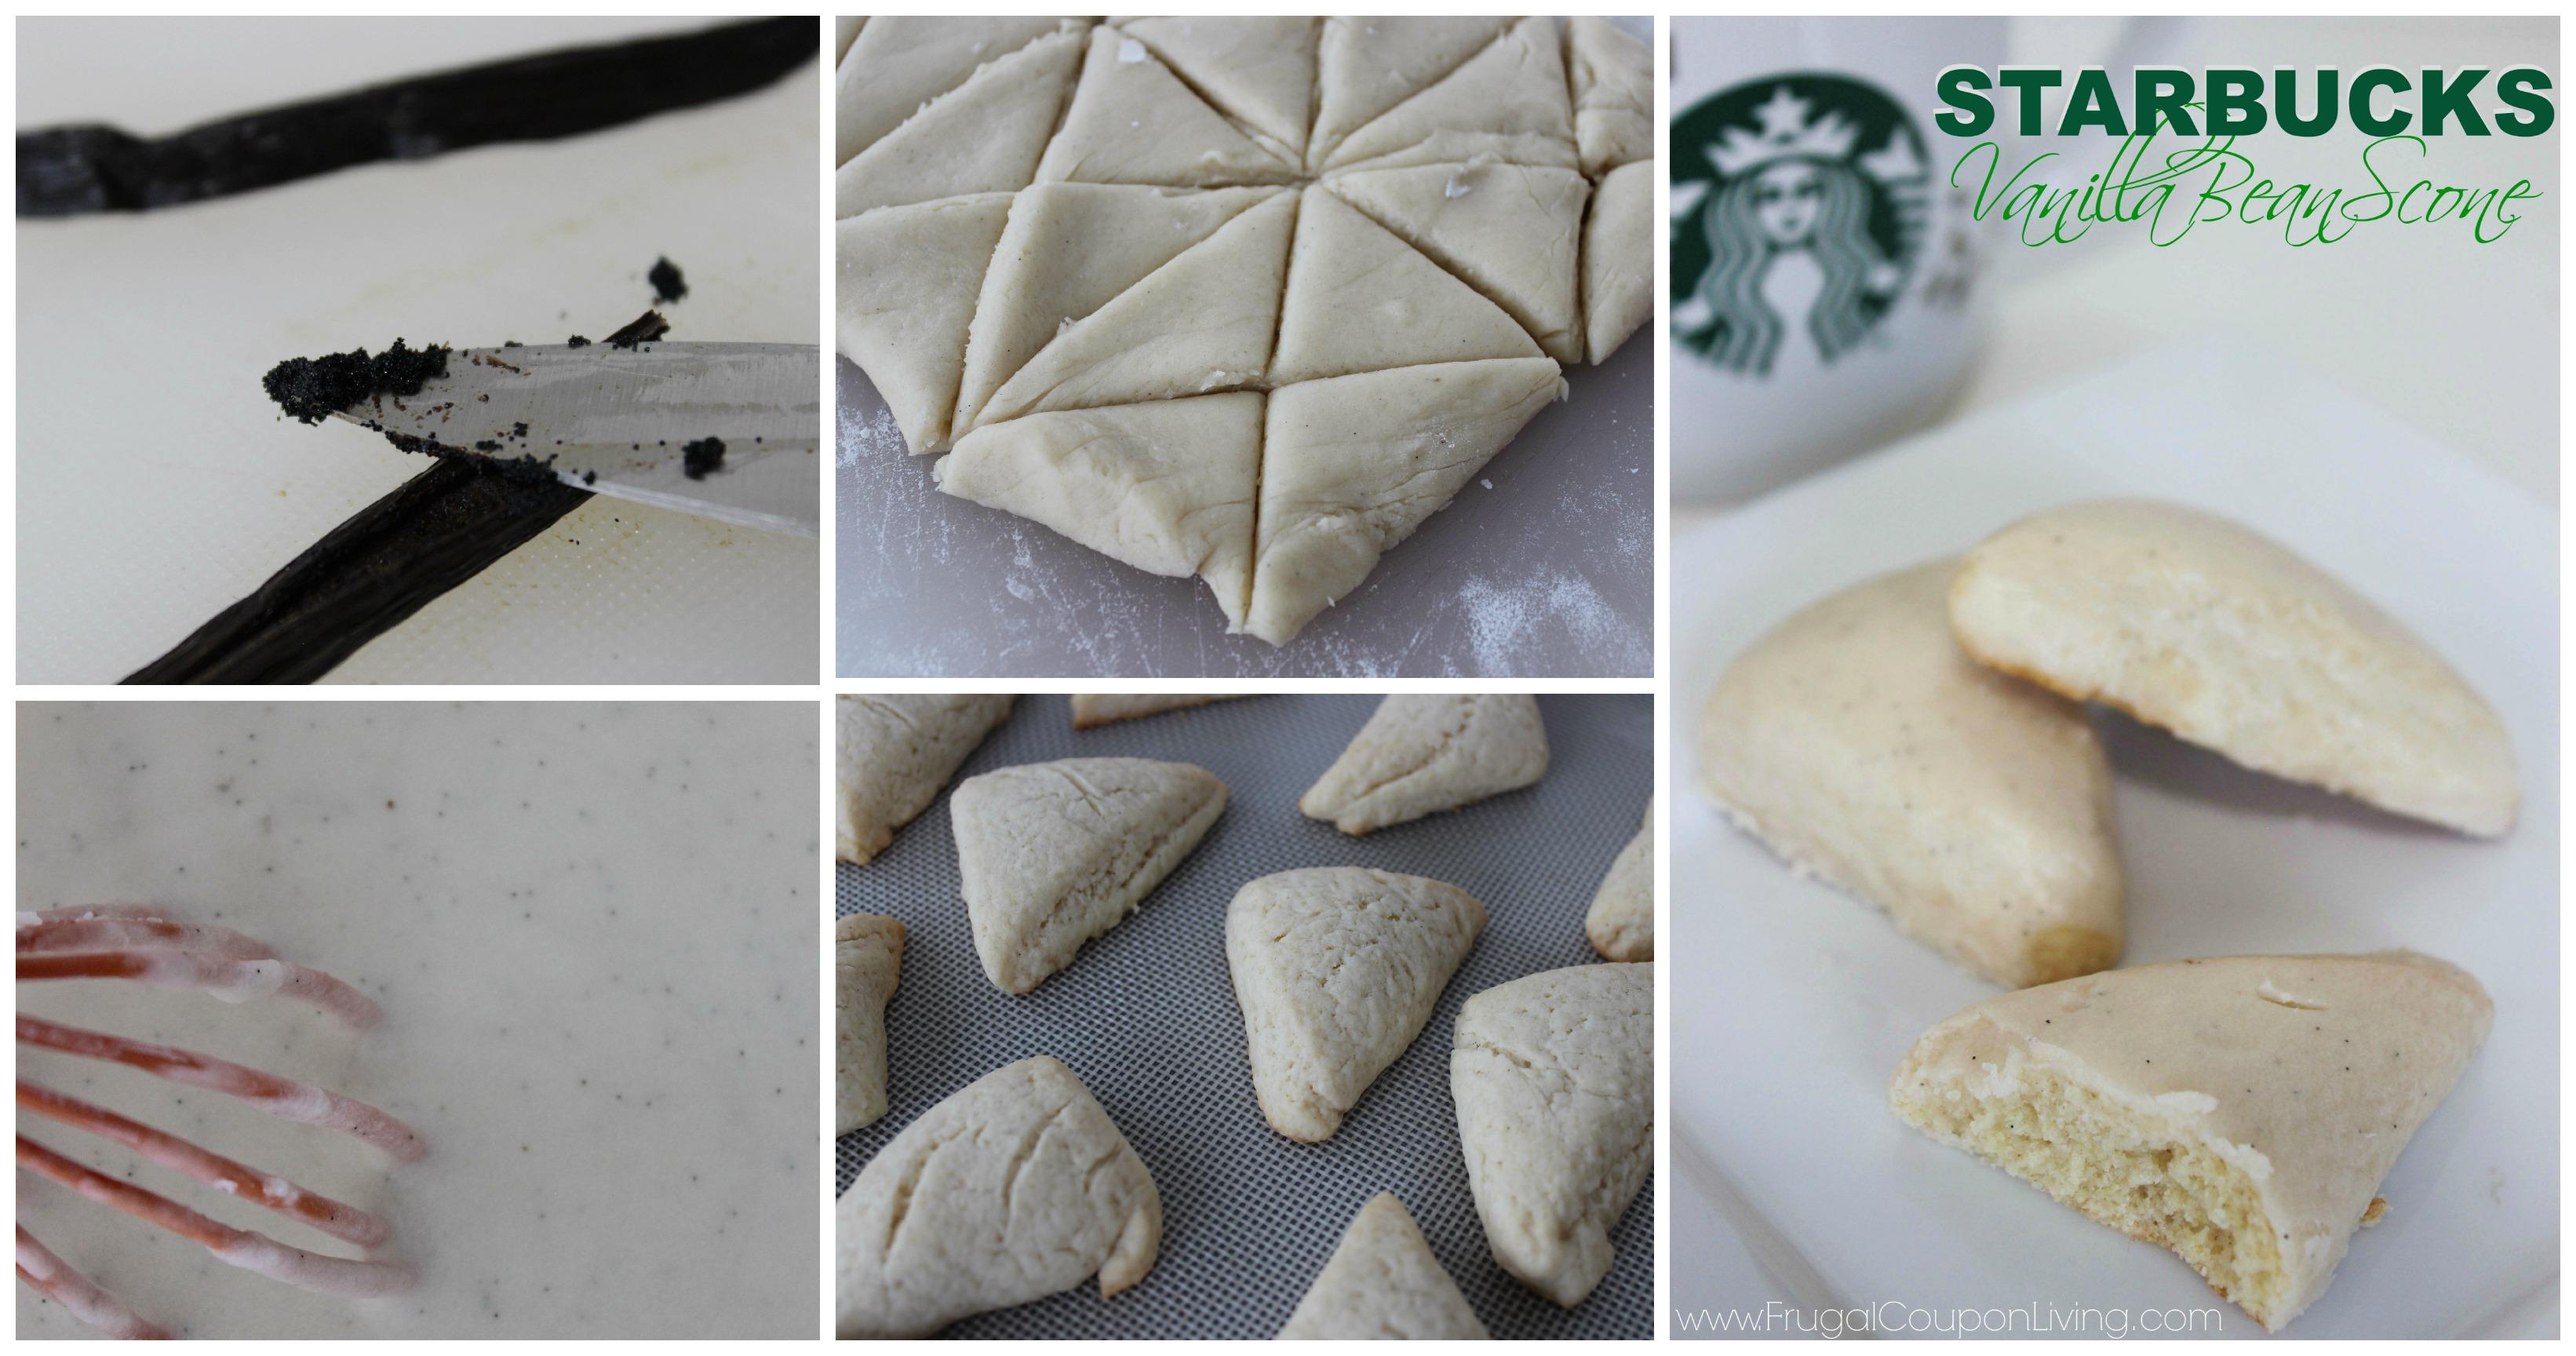 starbucks-vanilla-bean-scone-Collage-frugal-coupon-living-horizontal